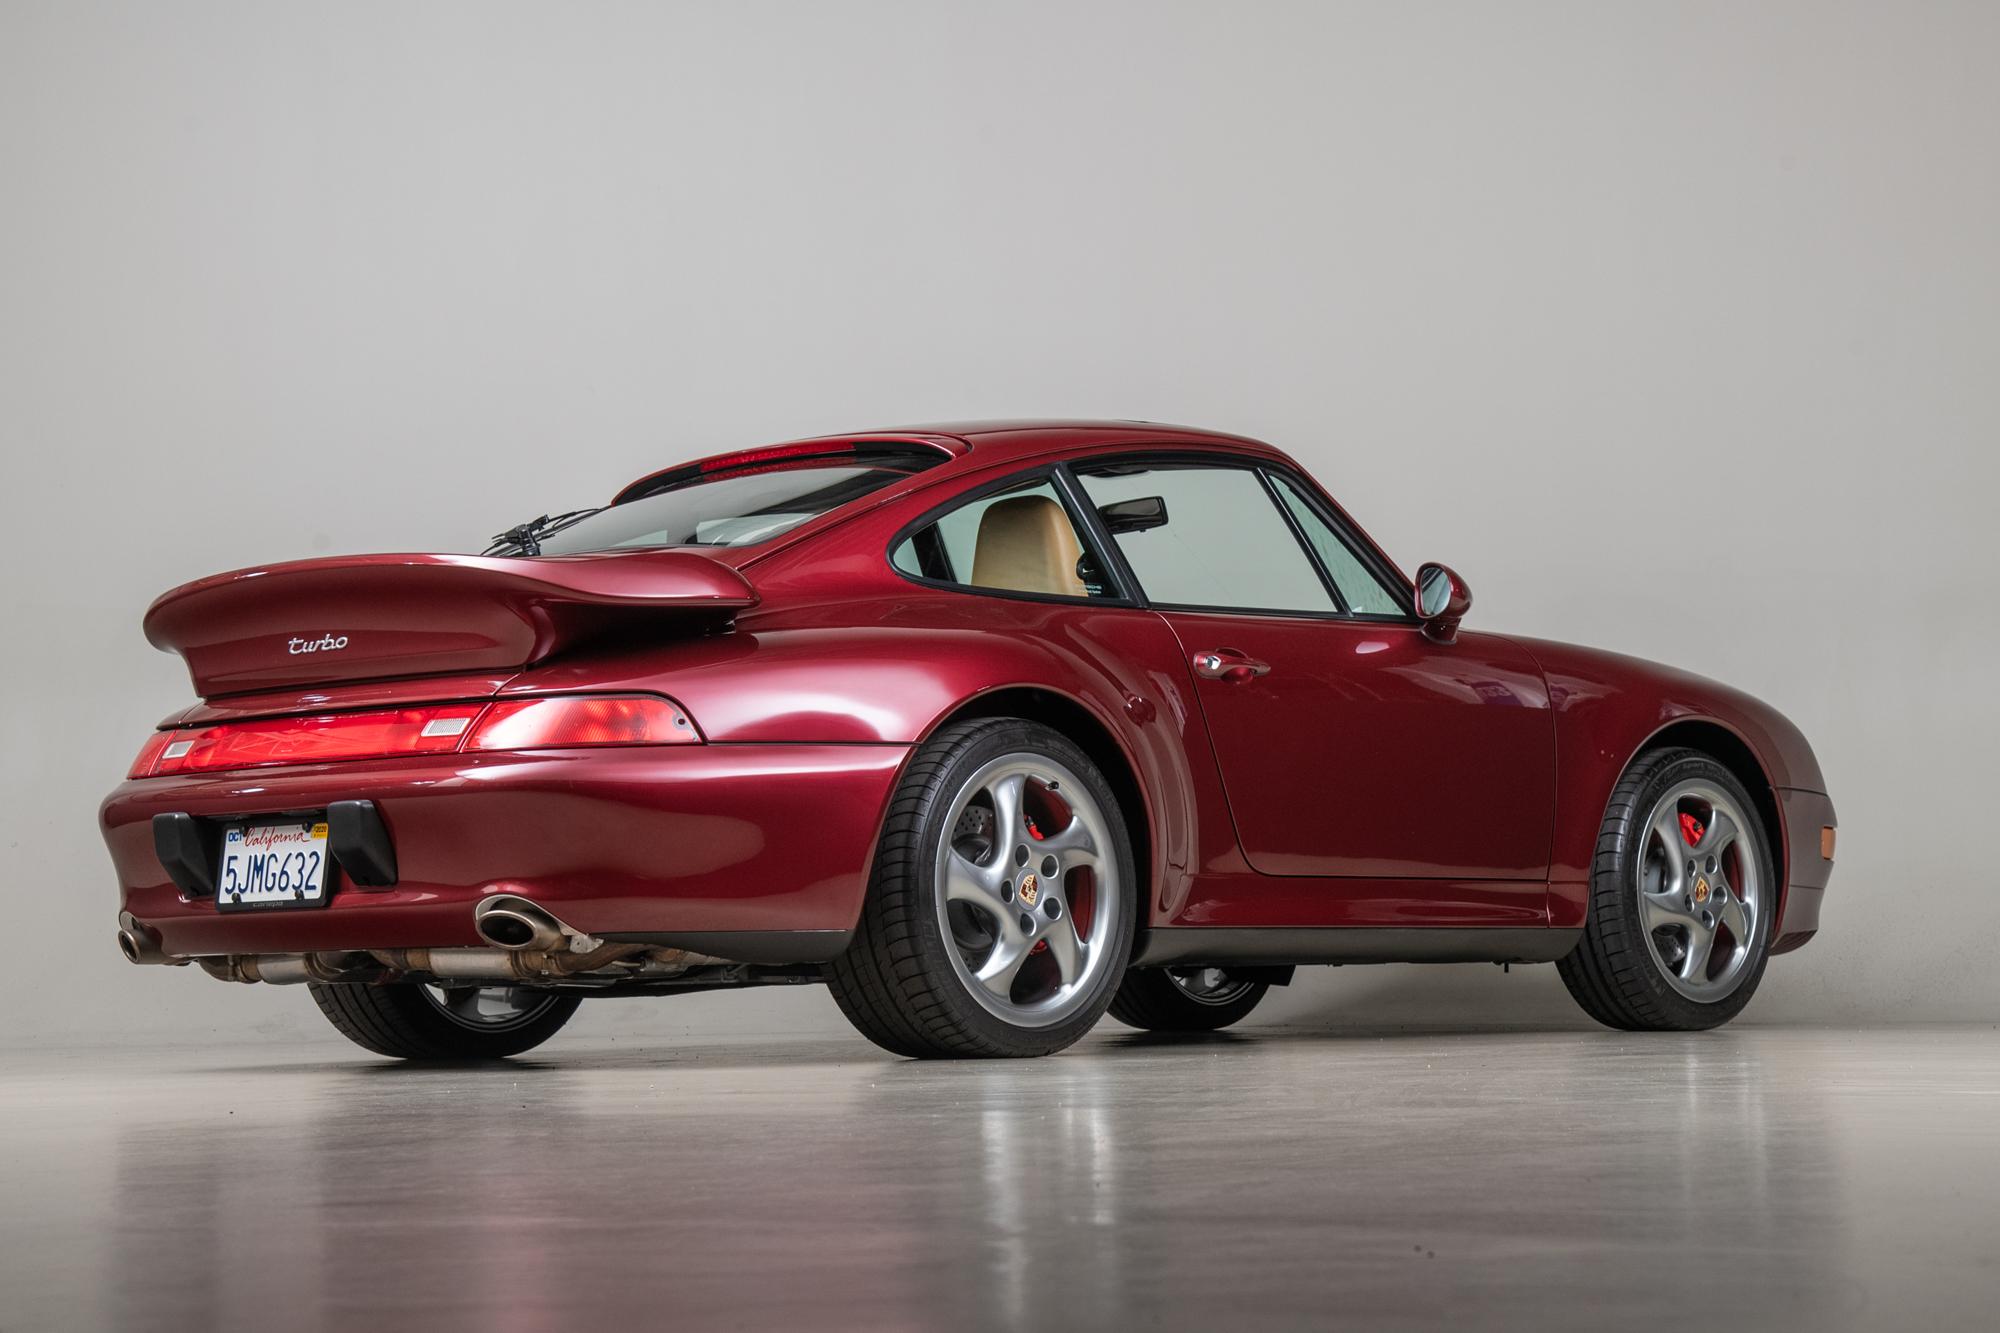 1996 Porsche 993 Turbo , ARENA RED METALLIC, VIN WP0AC299XTS376349, MILEAGE 45188